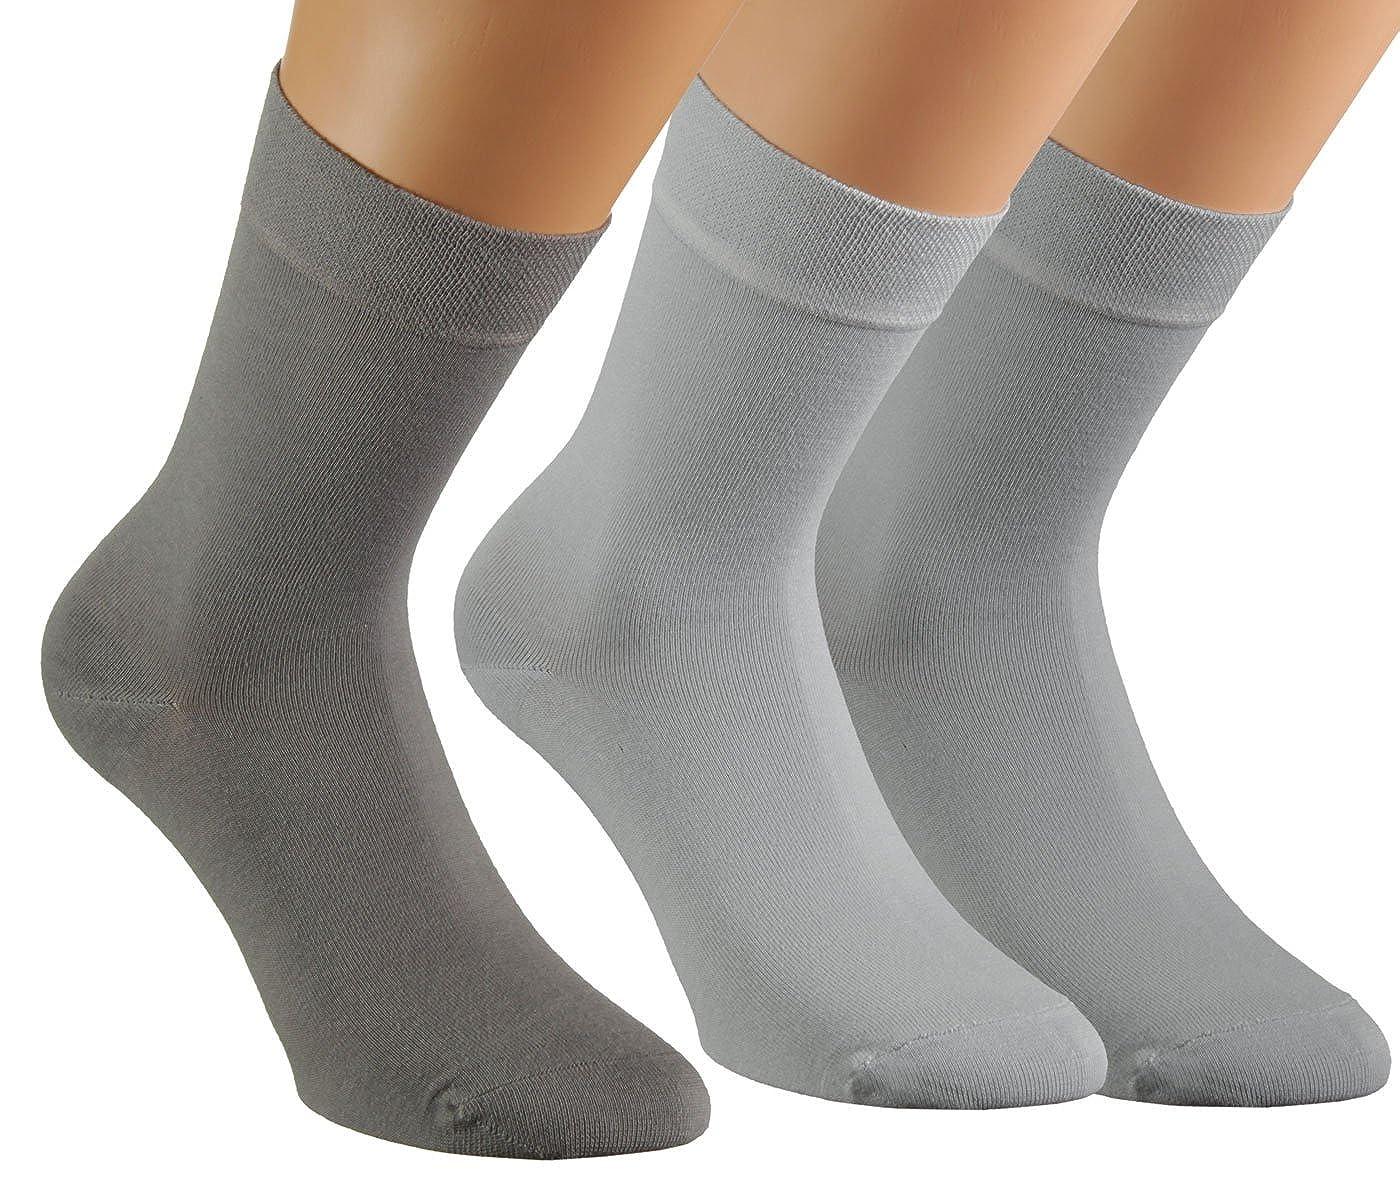 Vitasox Calcetines de señora algodón unicolor, sin elástico, sin costura, en set de 6 o de 12 en muchos colores: Amazon.es: Ropa y accesorios